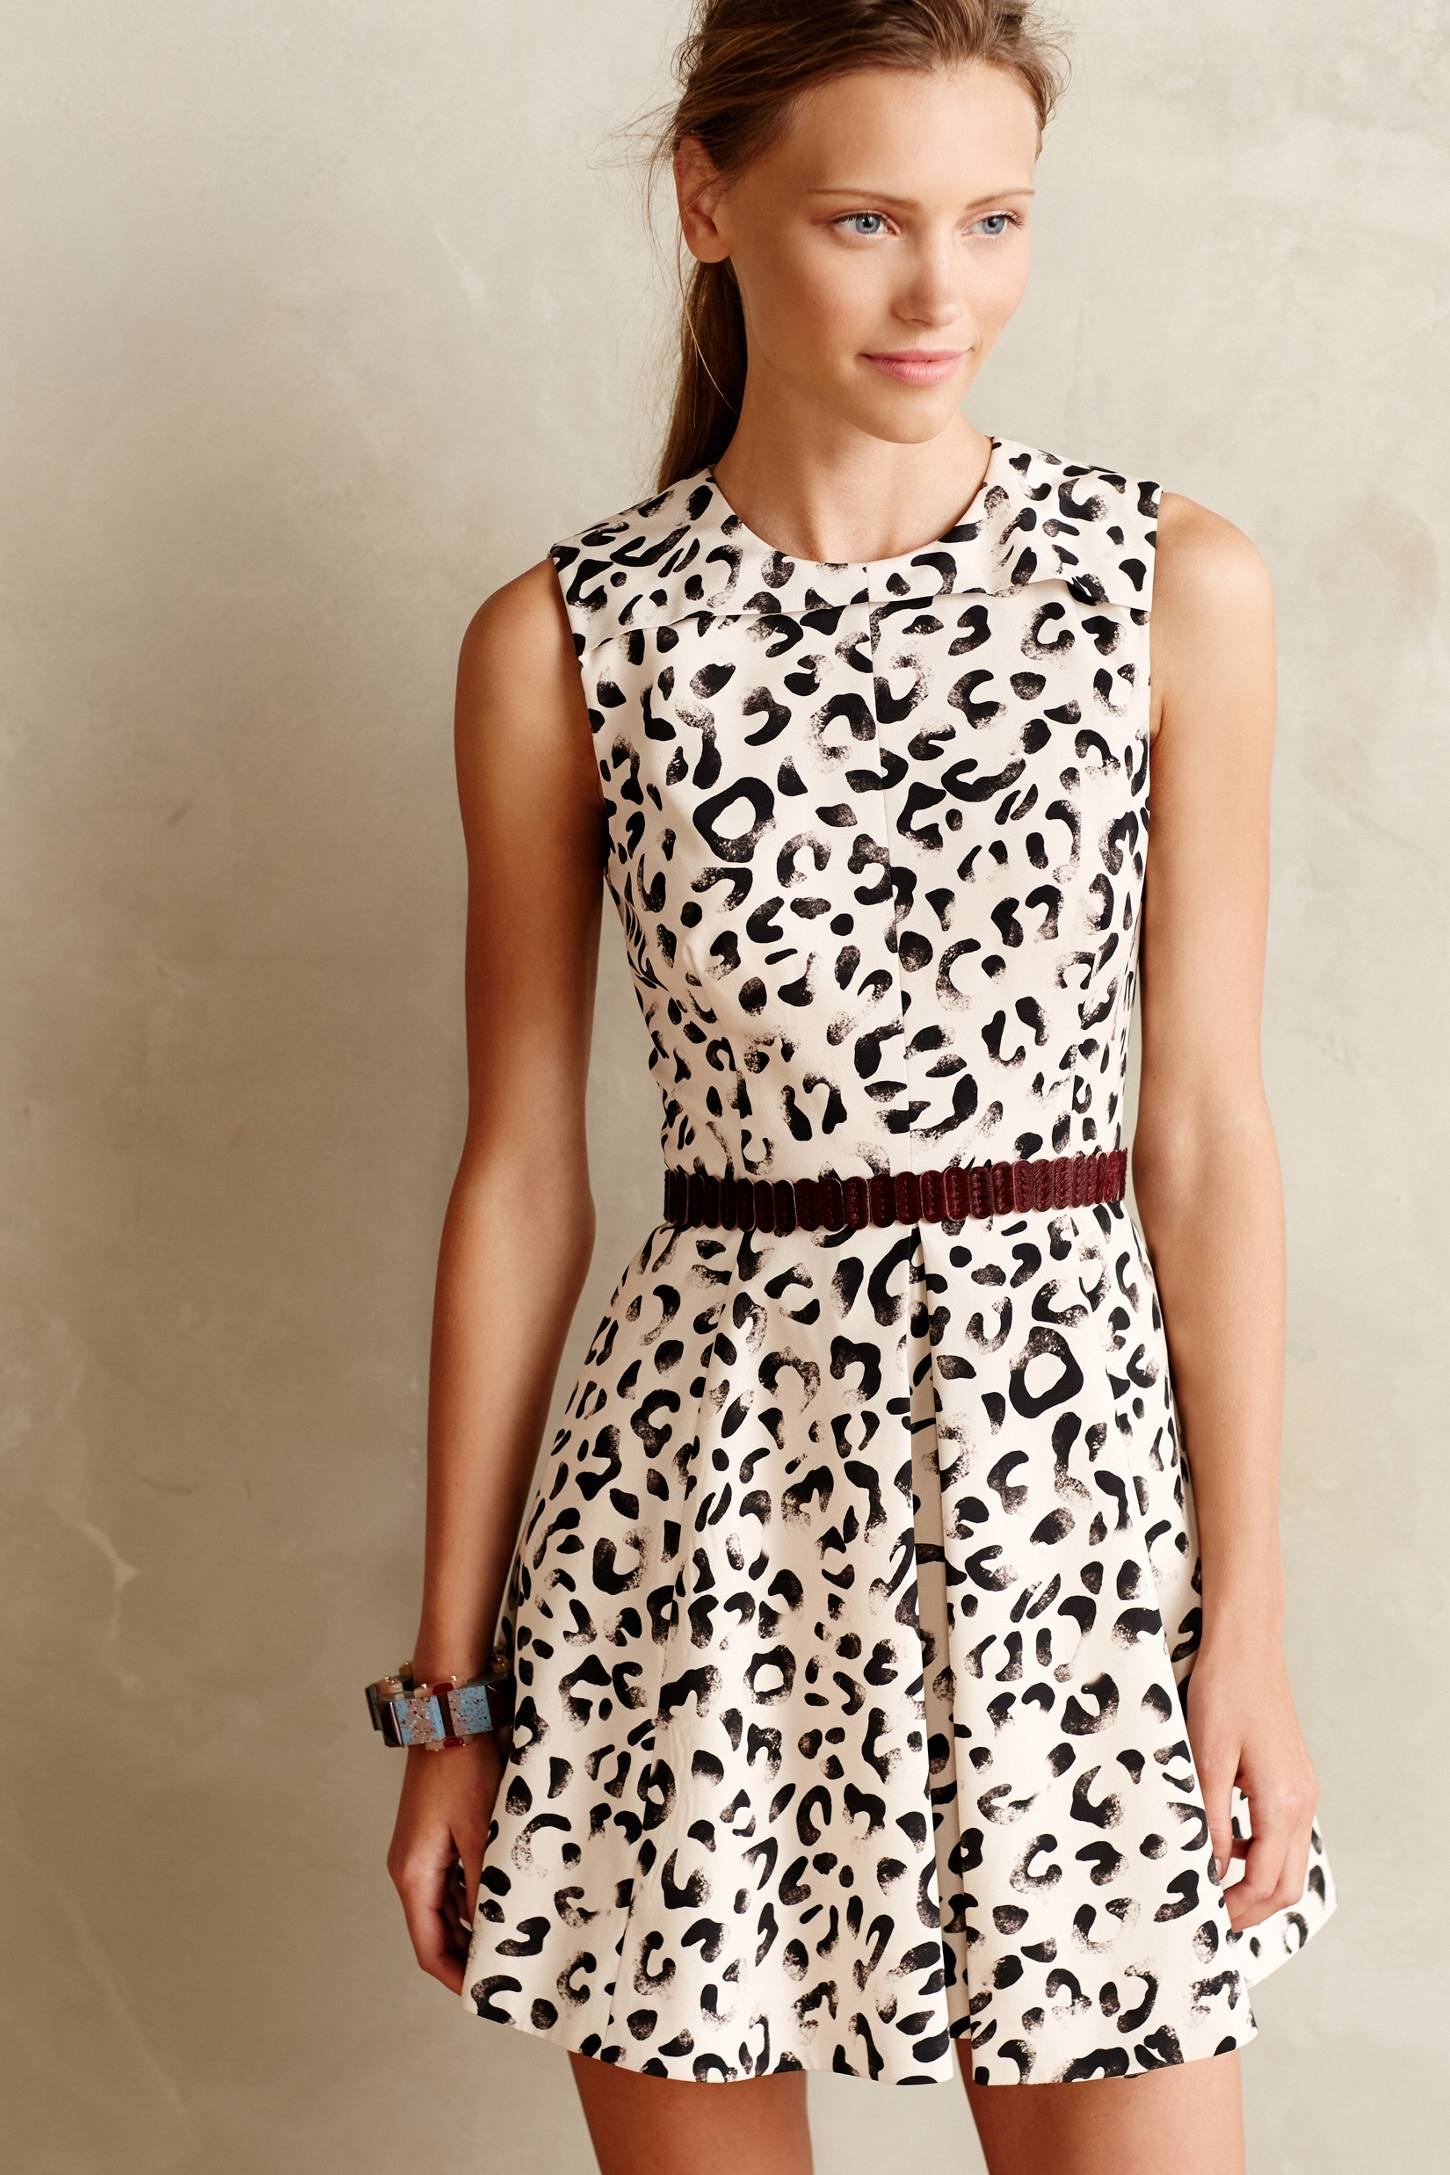 Leopop Flared Dress by Keepsake from Anthropologie   Leopard Print Fall 2014